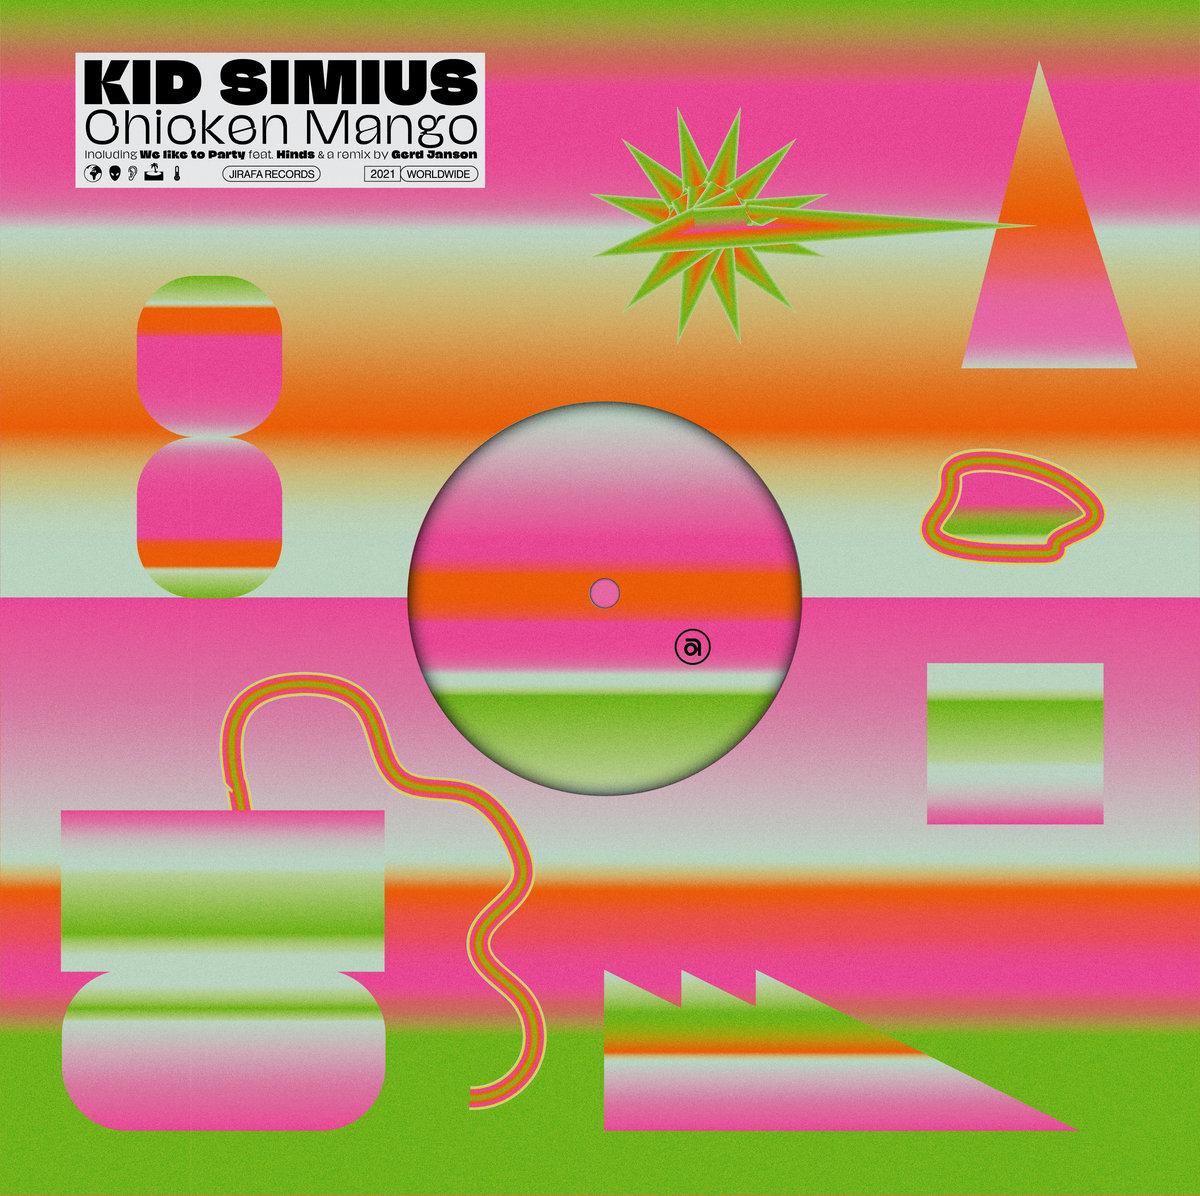 Kid Simus